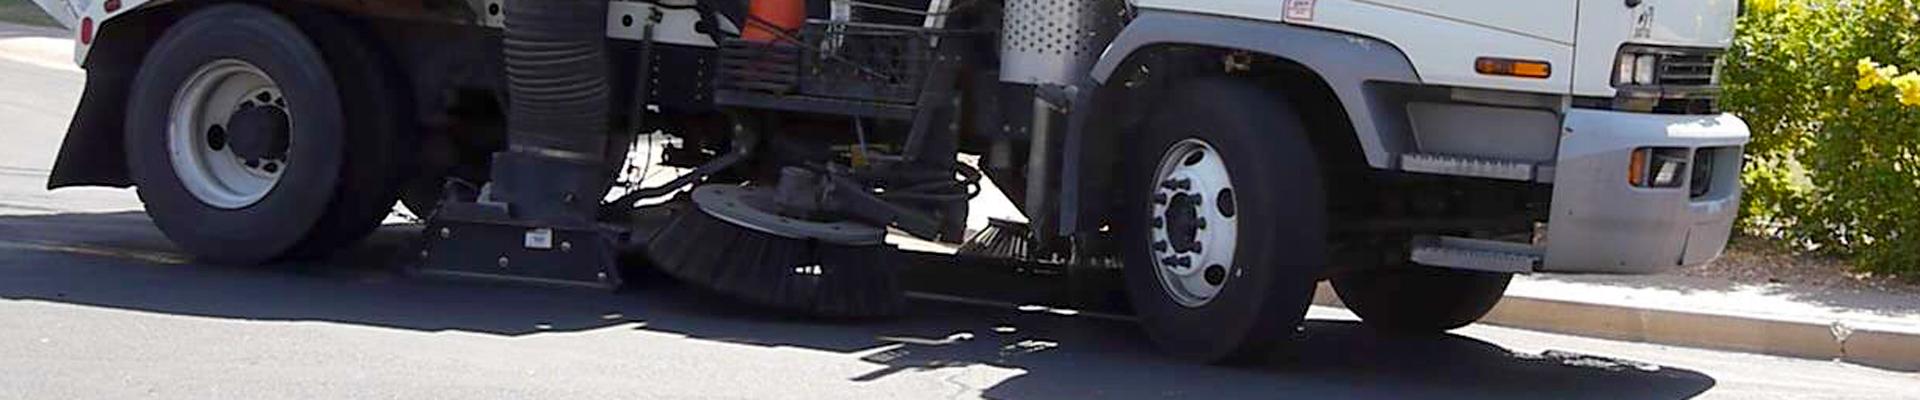 street-sweeping